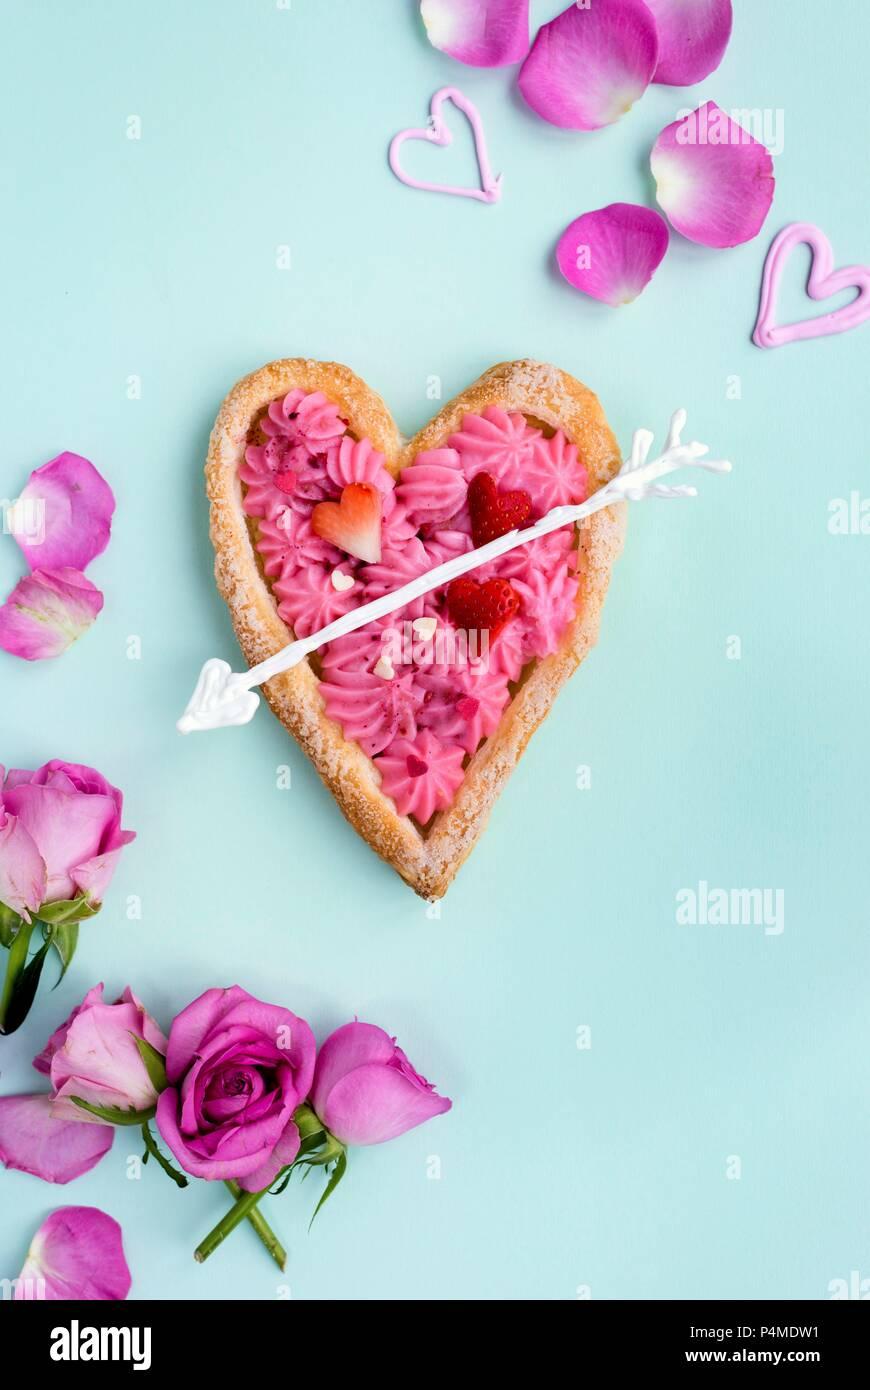 En forma de corazón tarta de hojaldre rellenos con crema pastelera rosa para el Día de San Valentín Foto de stock